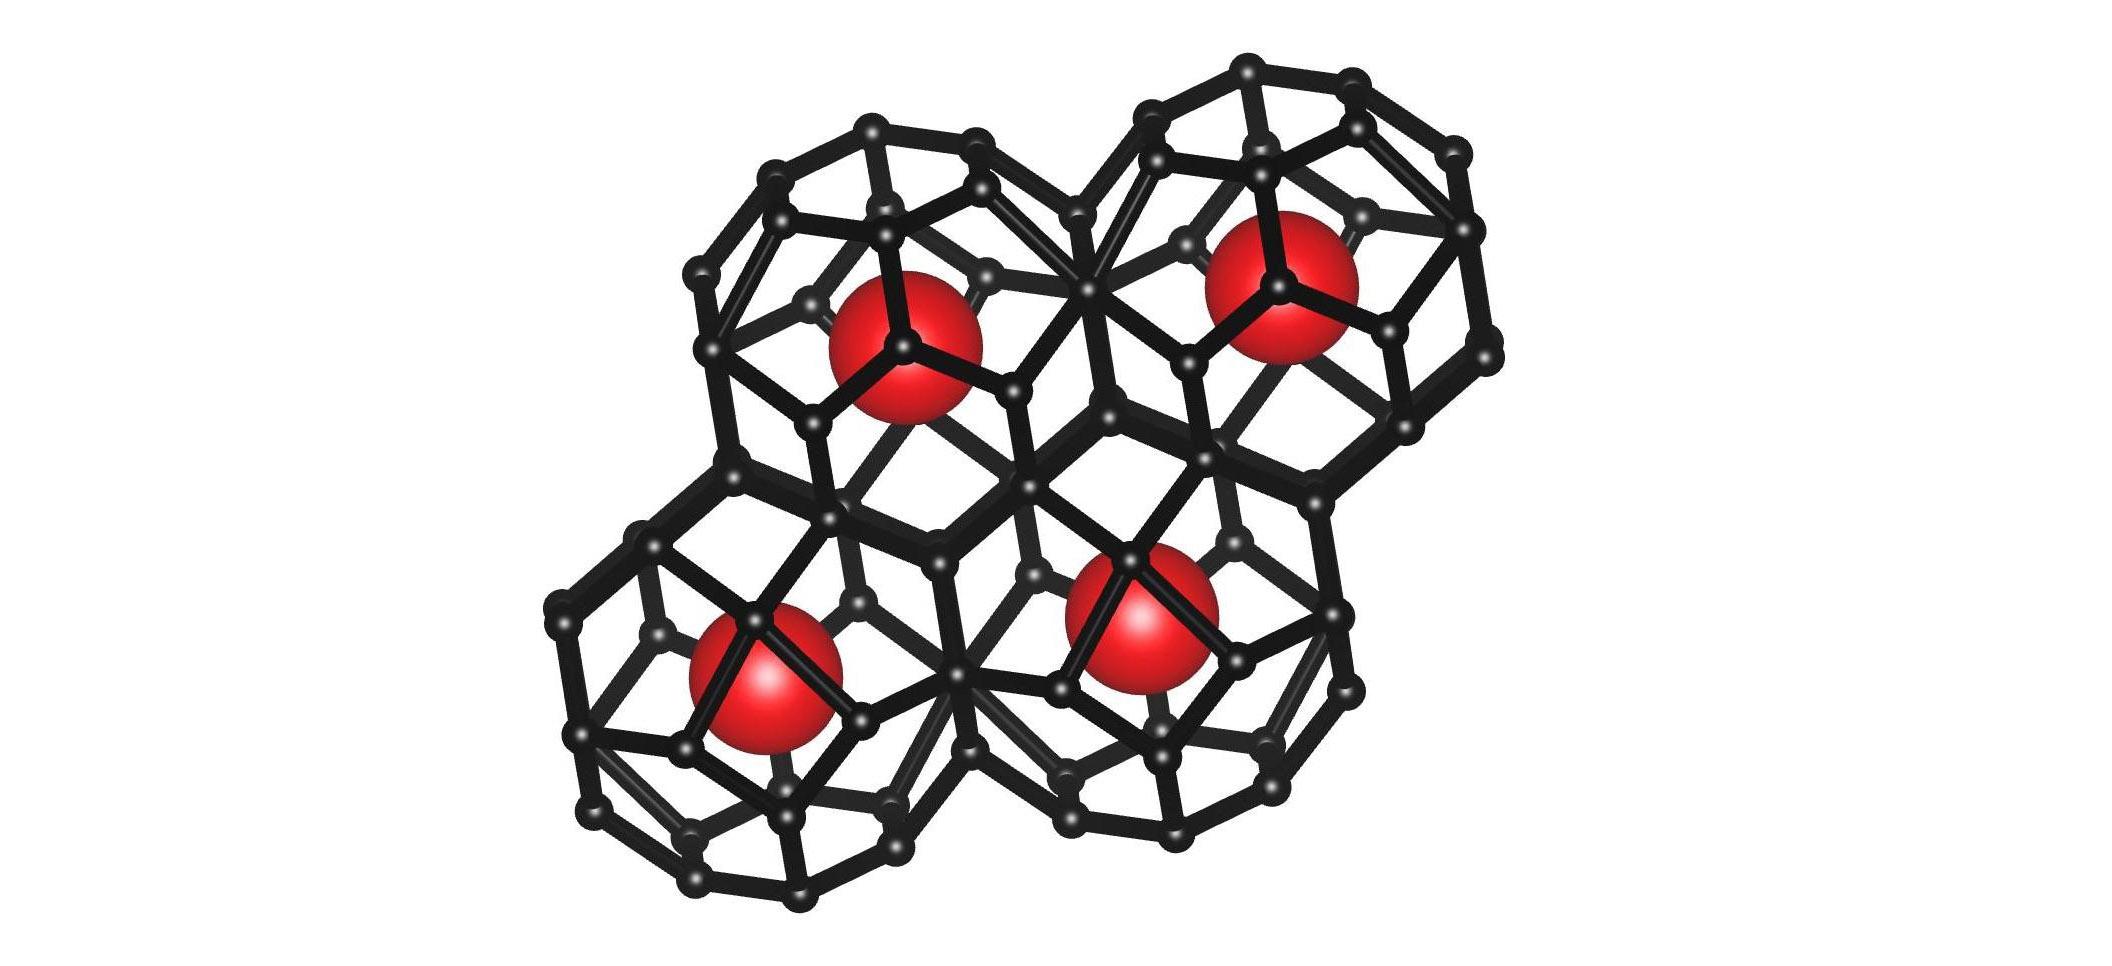 Кристаллическая структура полученного авторами исследования «запрещённого» соединения— супергидрида церия, CeH<sub>9</sub>. Атомы церия показаны ввиде красных сфер. Чёрным показаны атомы водорода ихимические связи между ними. Изображение: Иван Круглов, МФТИ иВНИИА им. Духова.